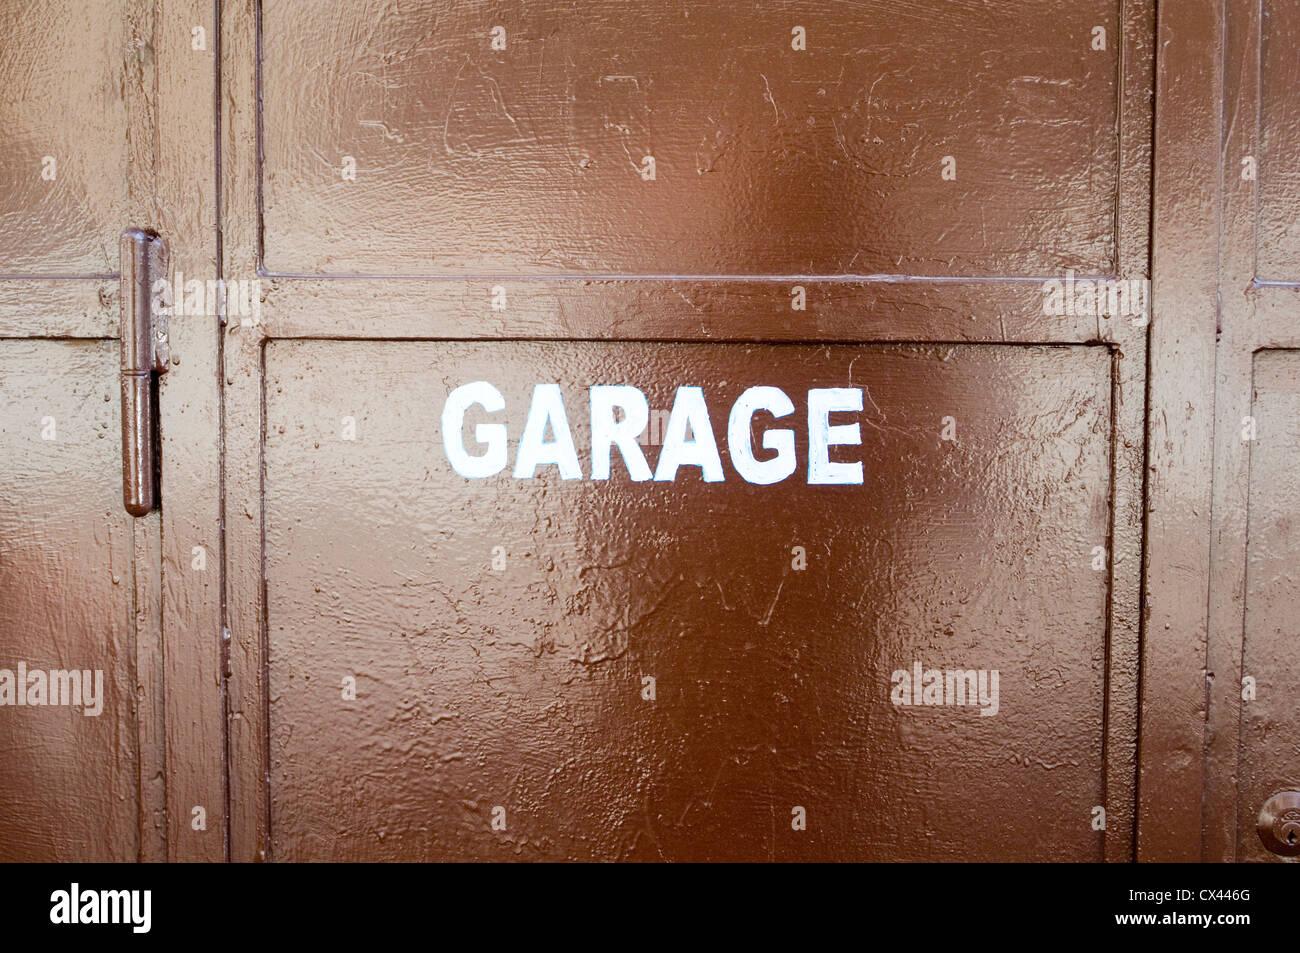 Garaje garajes alquiler reparación reparaciones mecánicas mecánico reparar coches Imagen De Stock